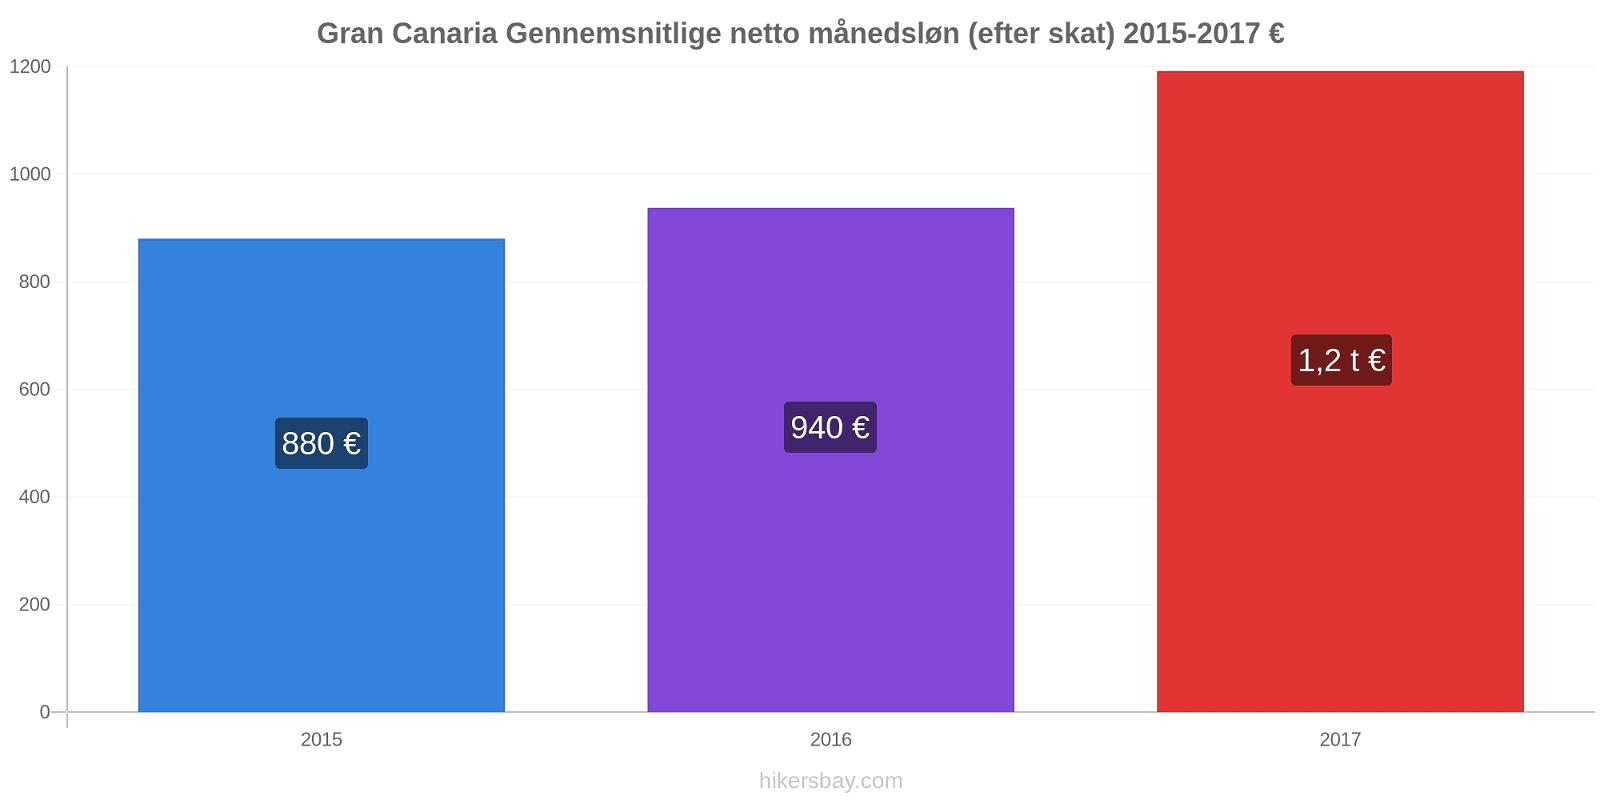 Gran Canaria prisændringer Gennemsnitlige netto månedsløn (efter skat) hikersbay.com